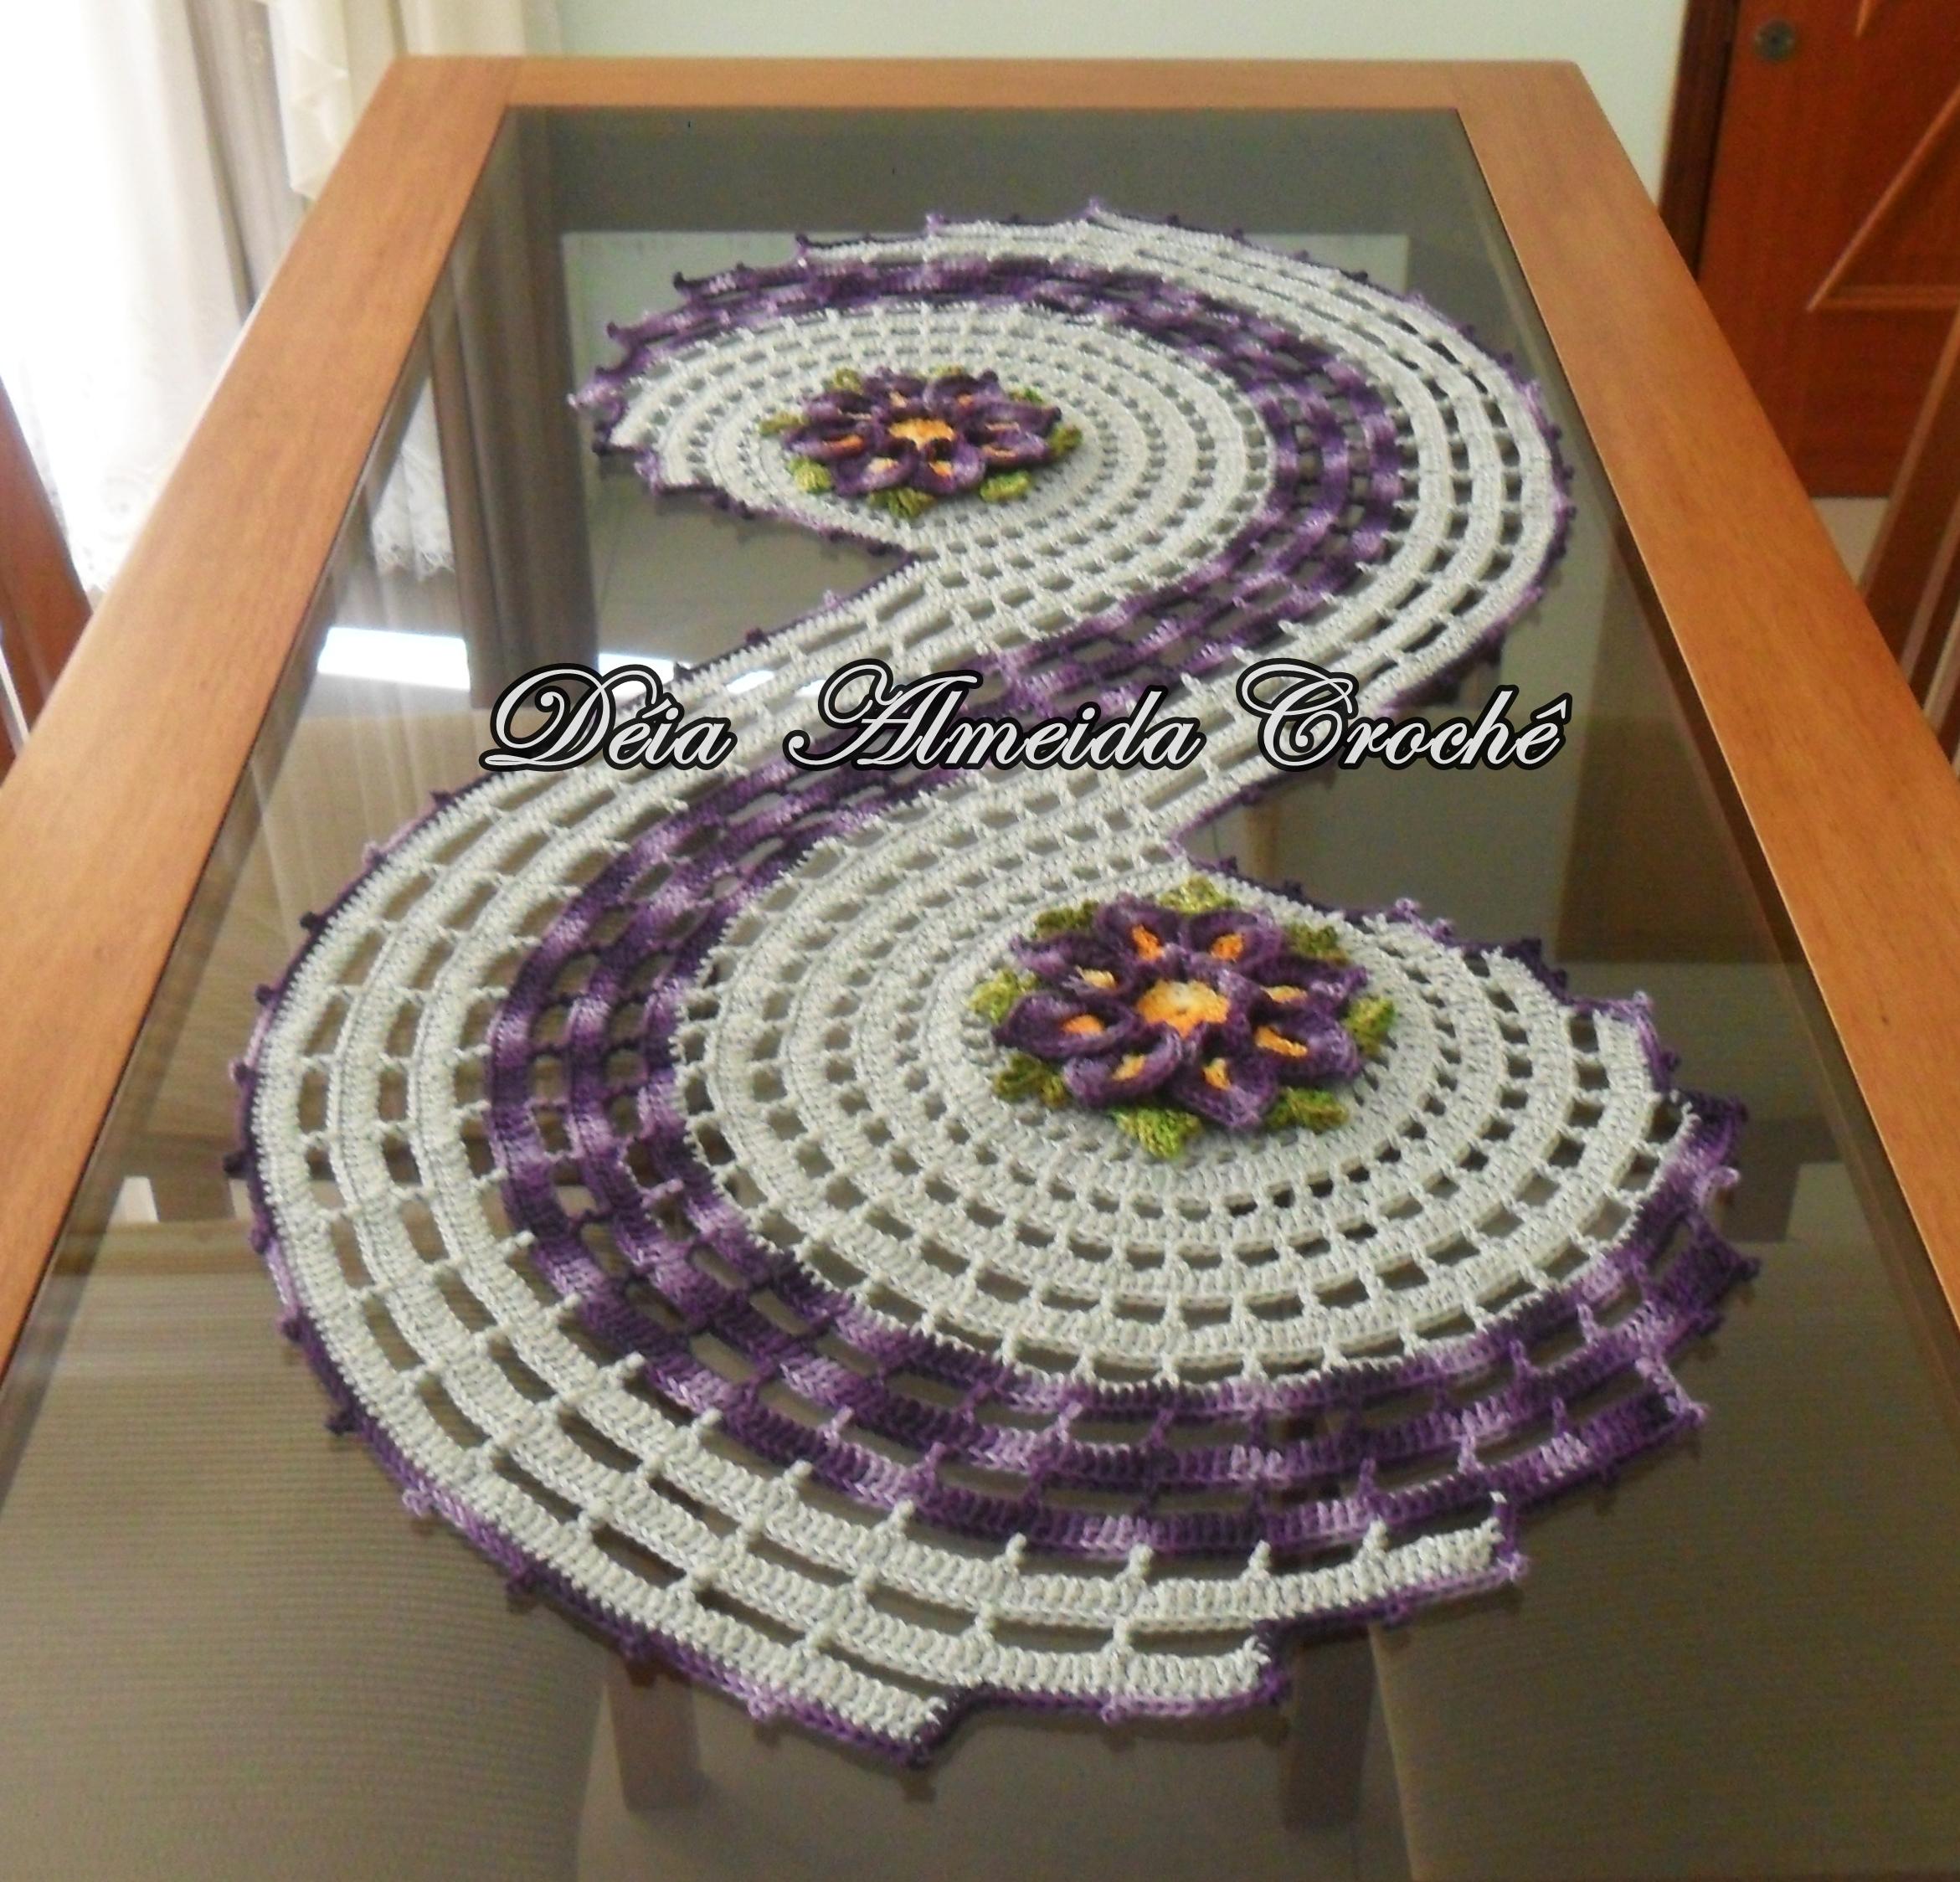 Caminho de mesa espiral d ia almeida croch elo7 for Tapete mesa